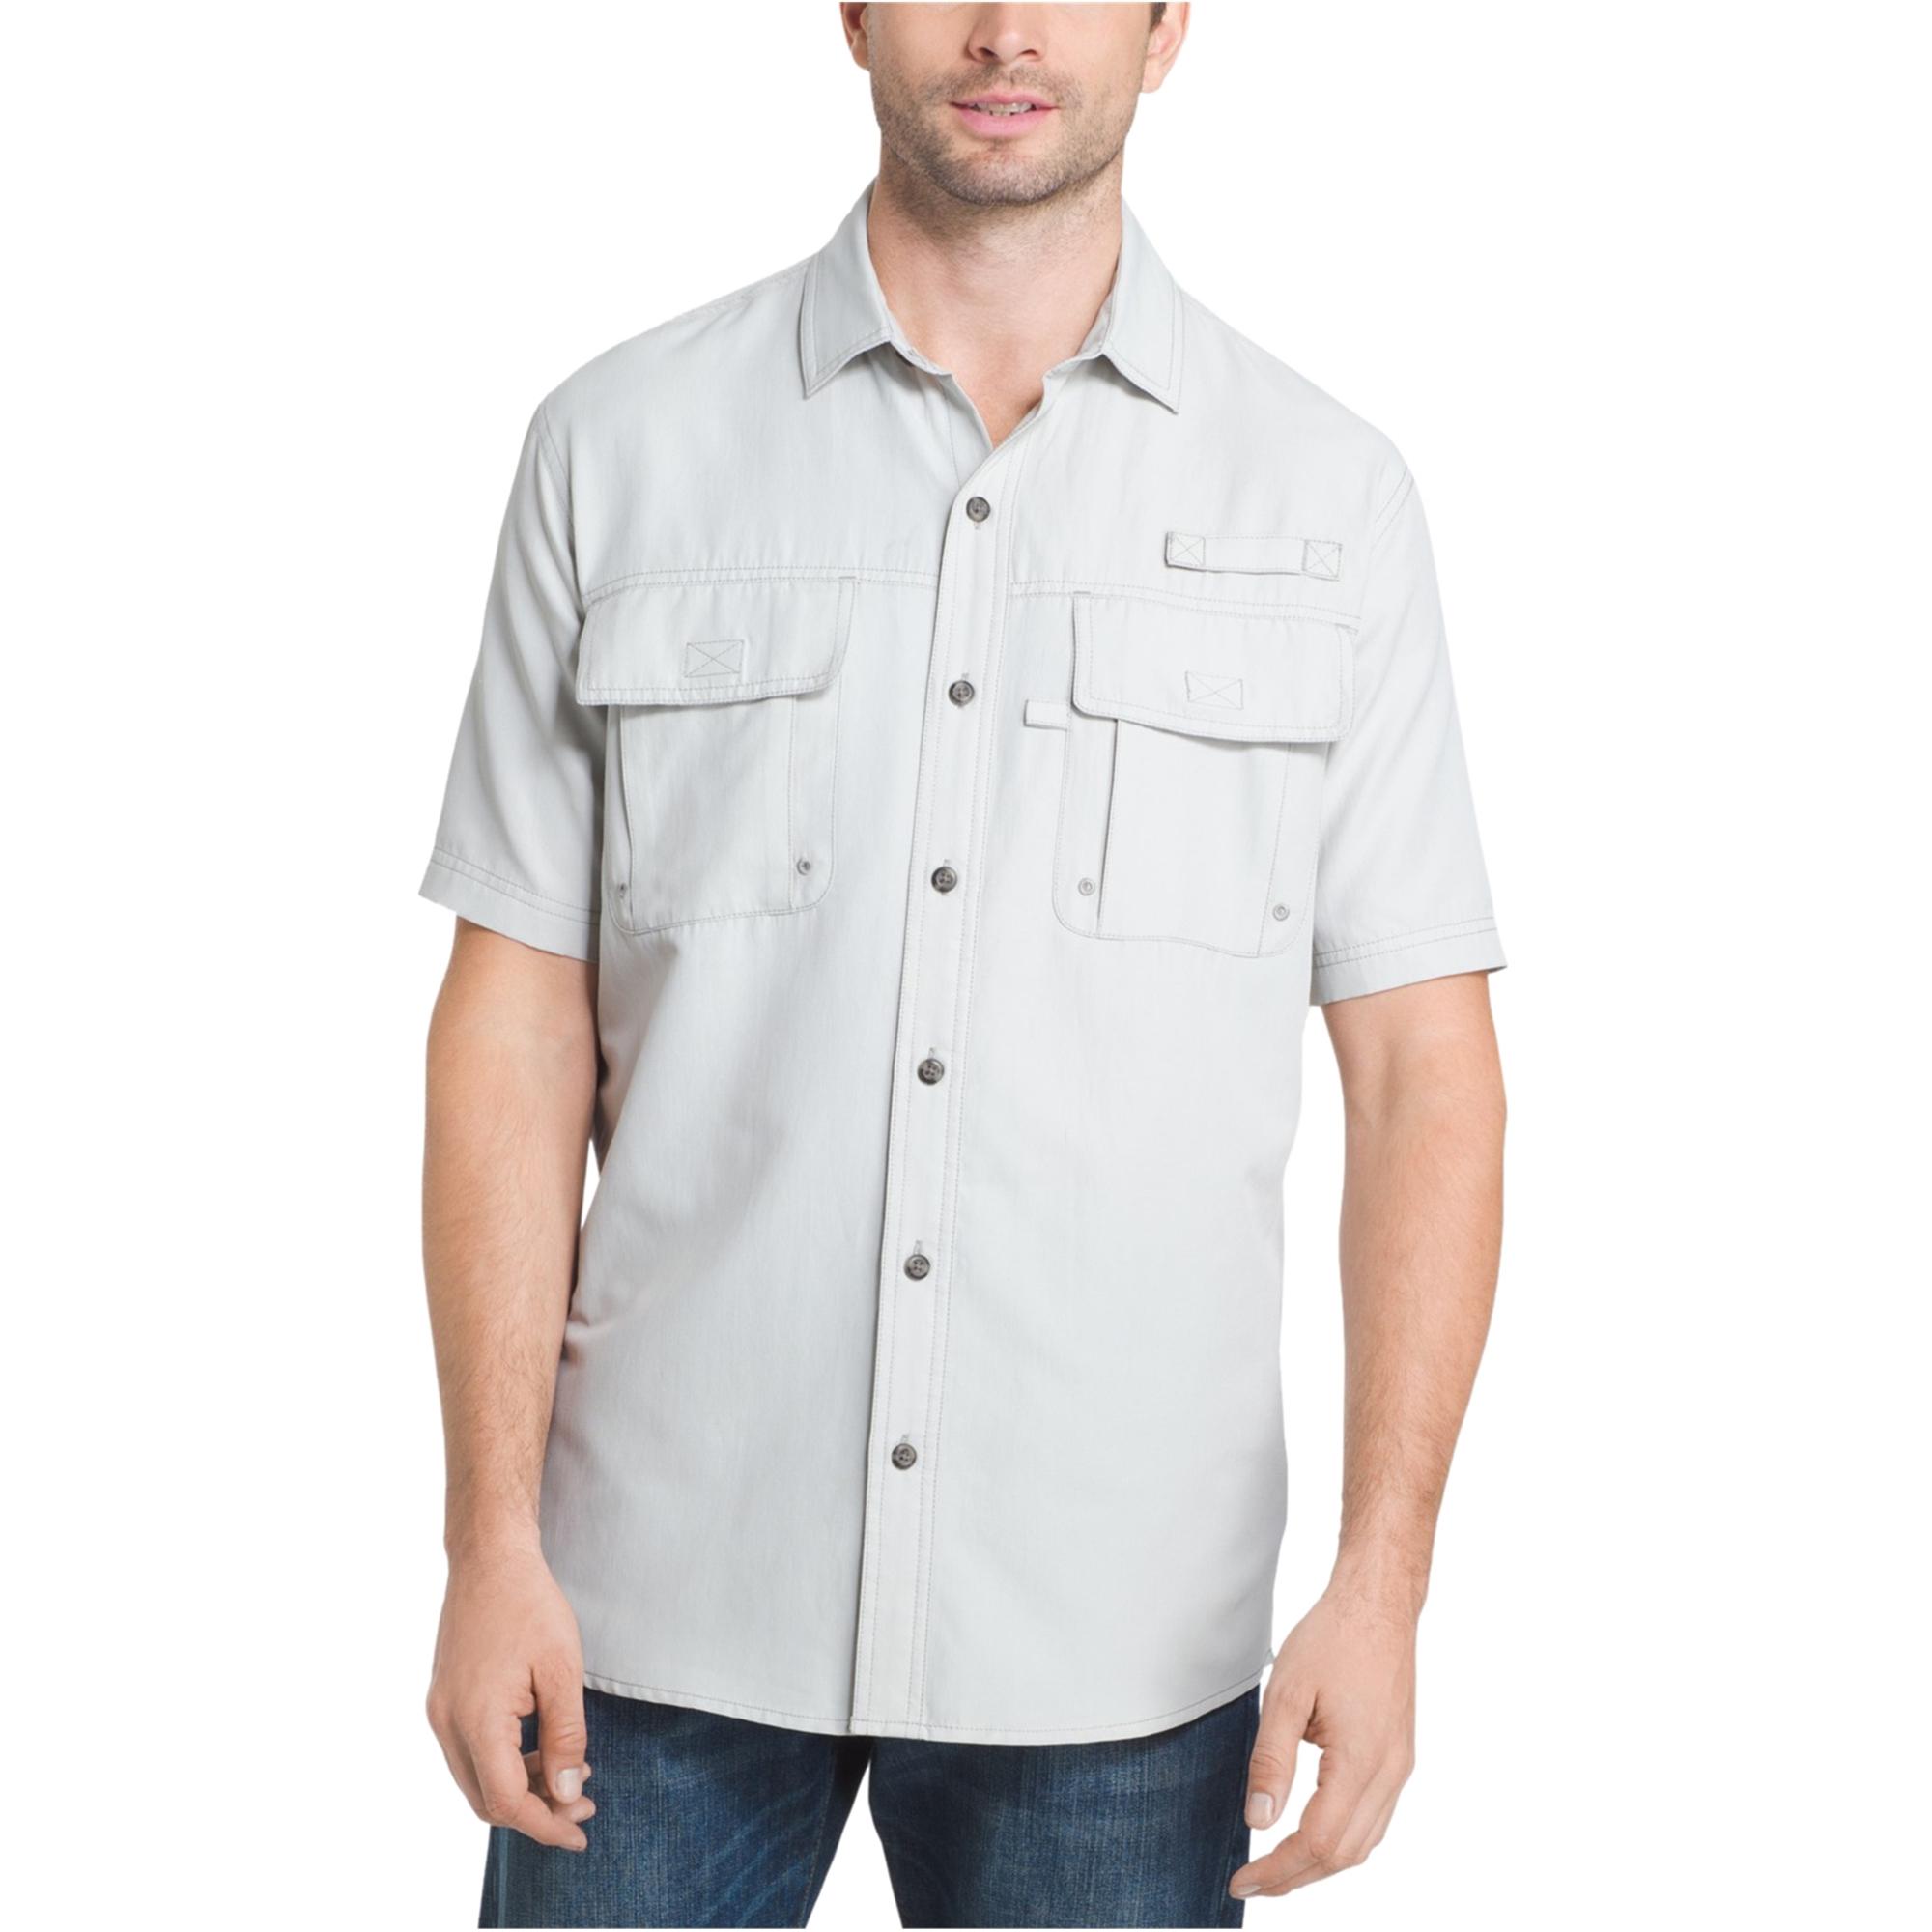 G.H. Bass & Co. Mens Explorer Ss Button Up Shirt